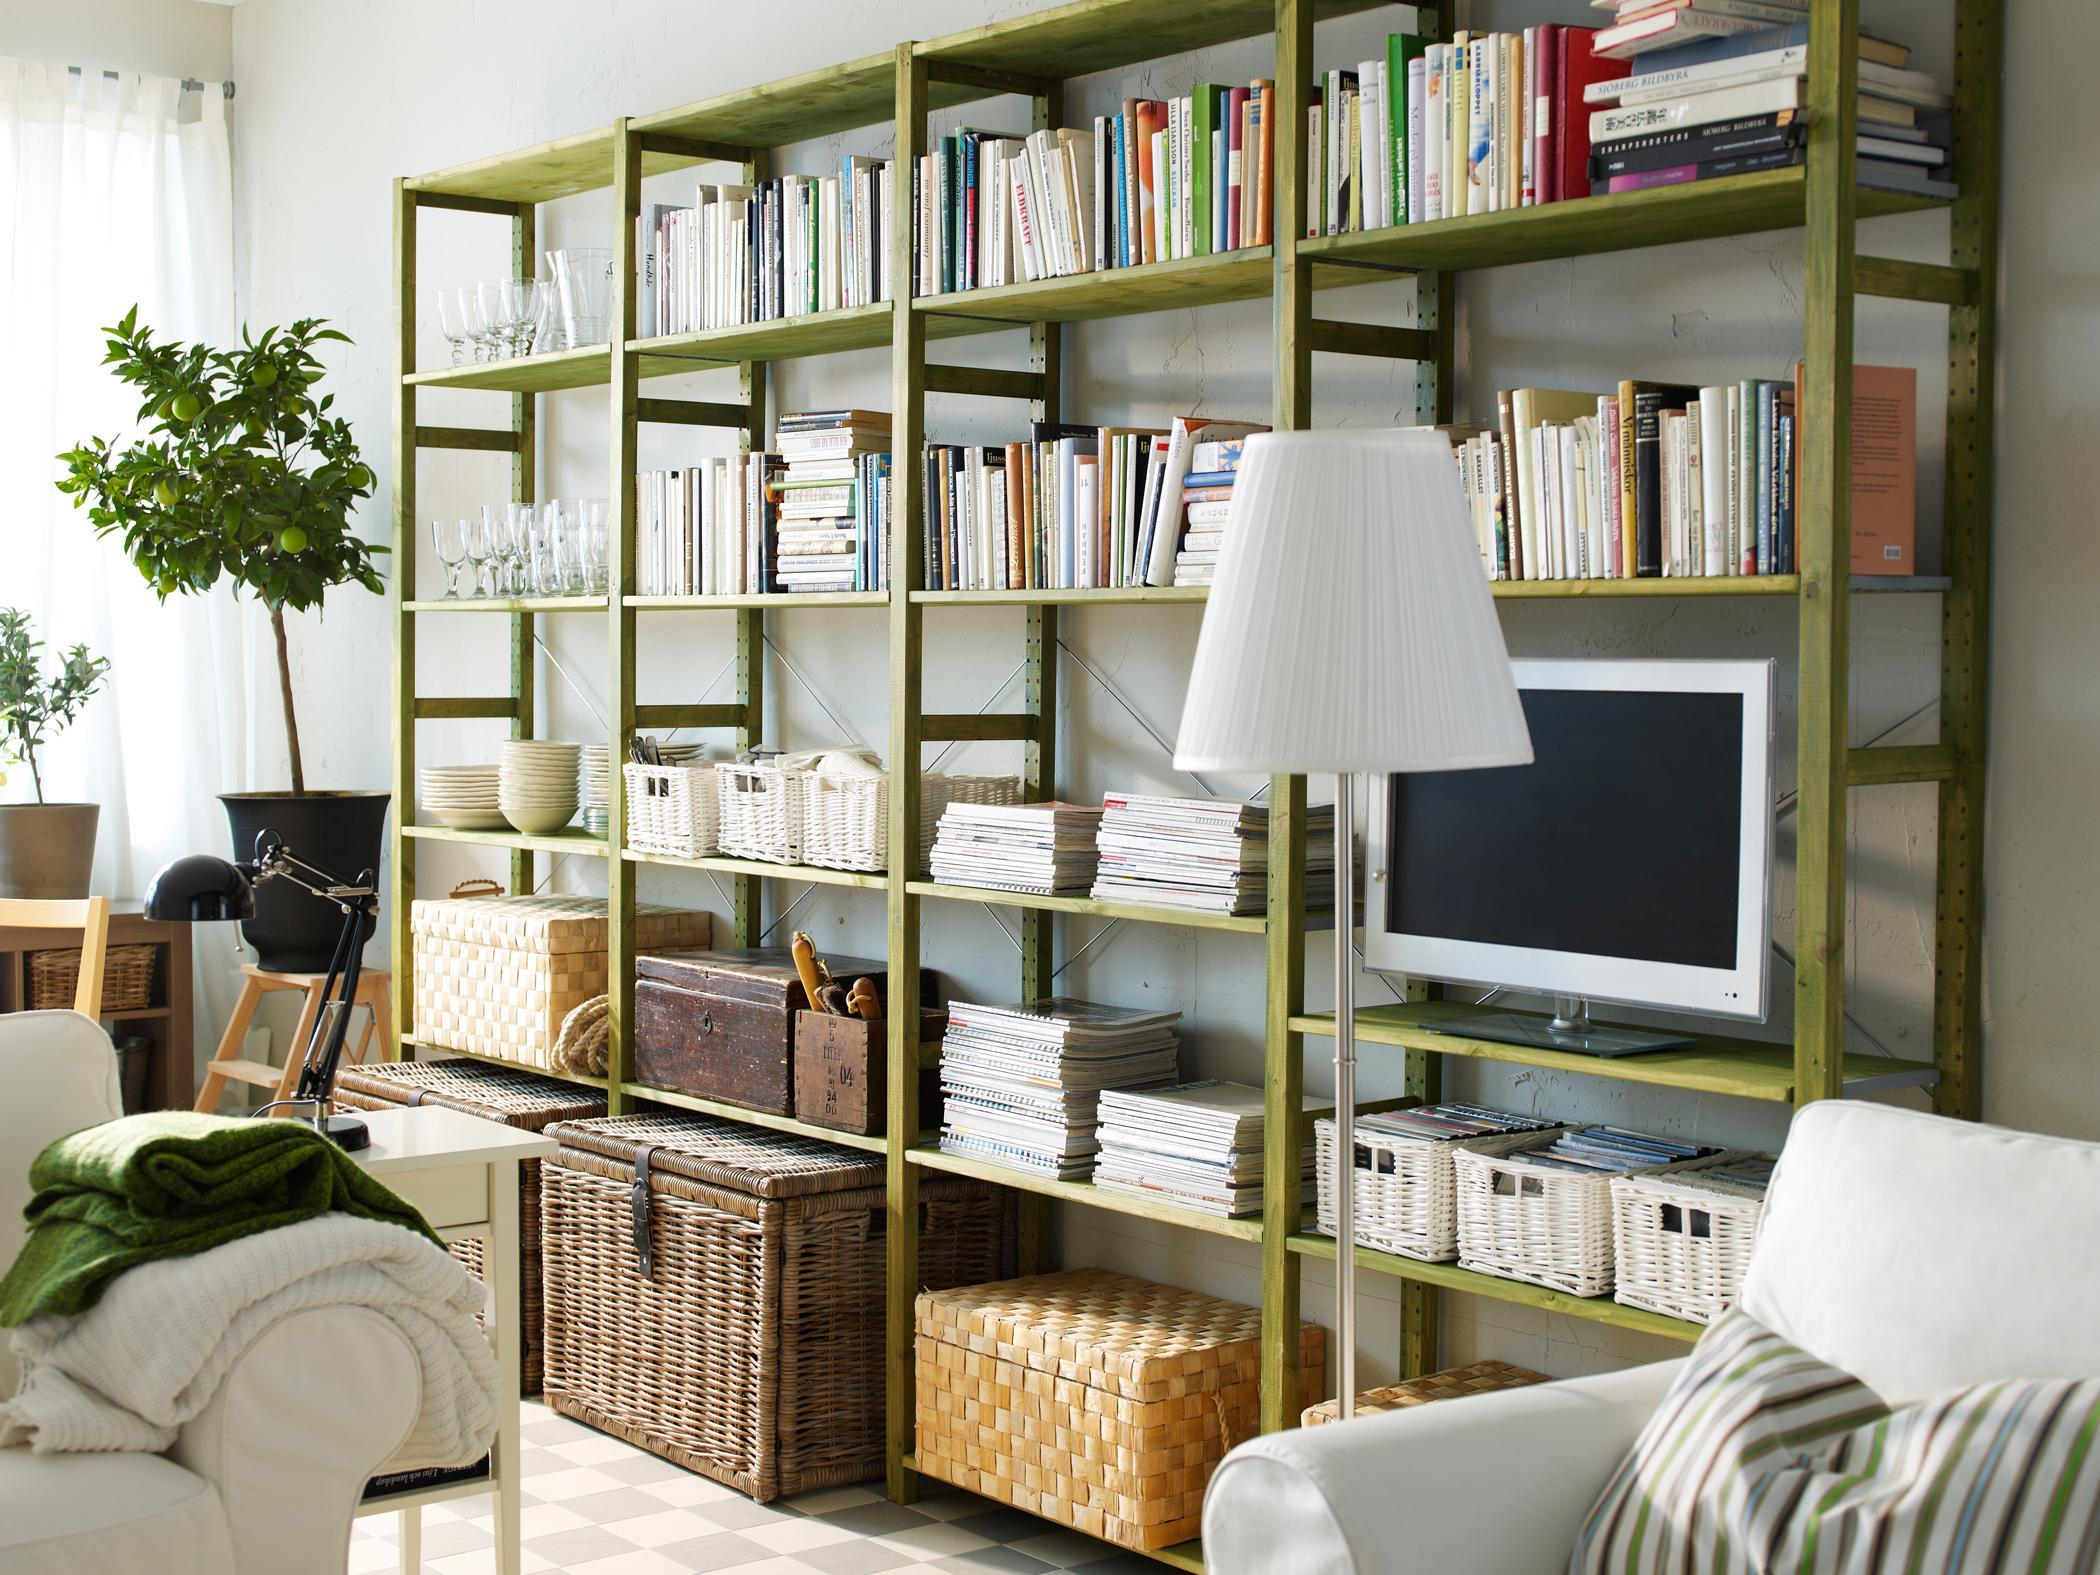 ikea regal • bilder & ideen • couchstyle, Wohnzimmer